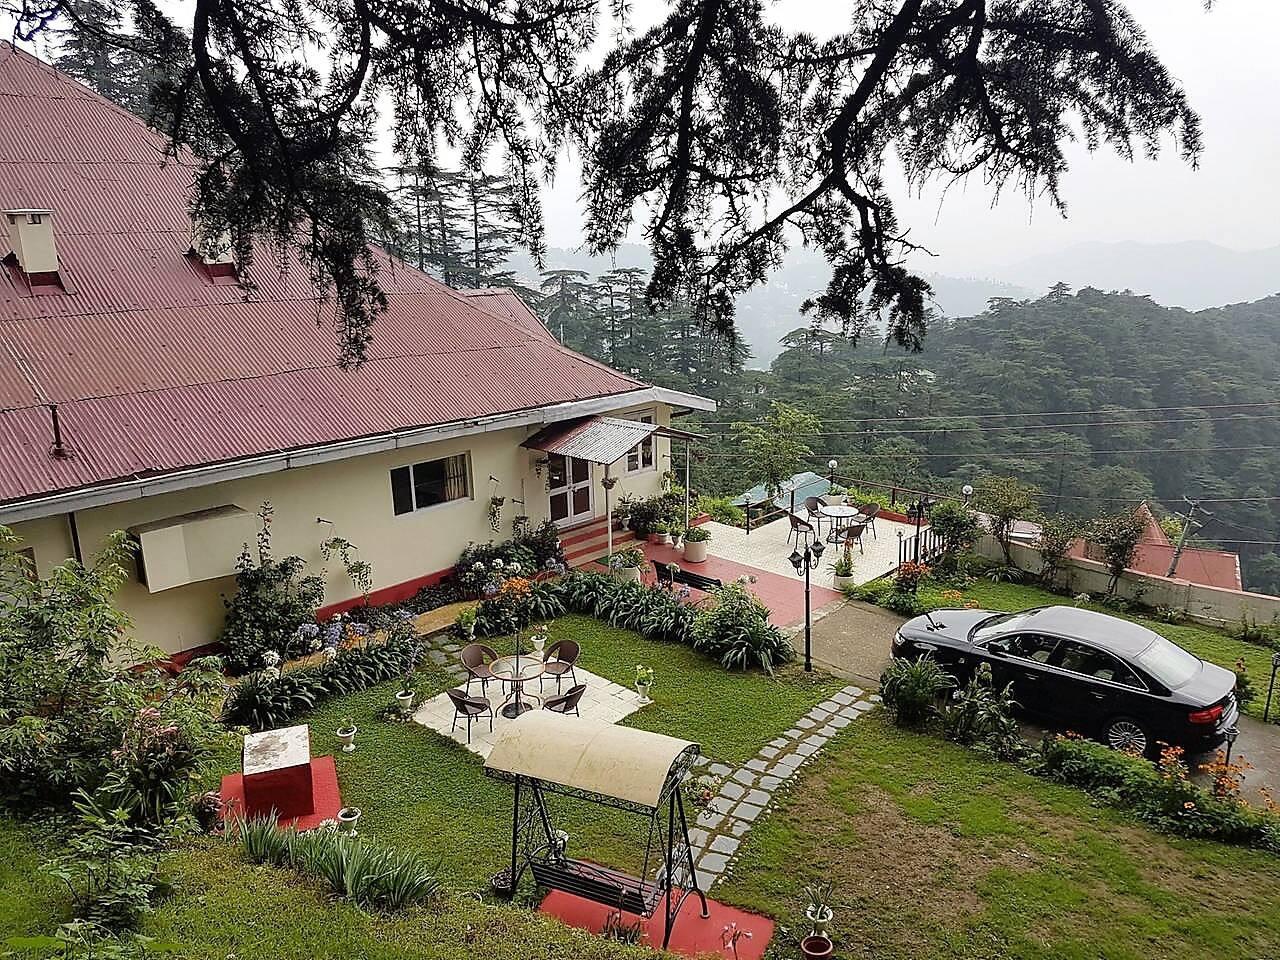 View of Marley Villa